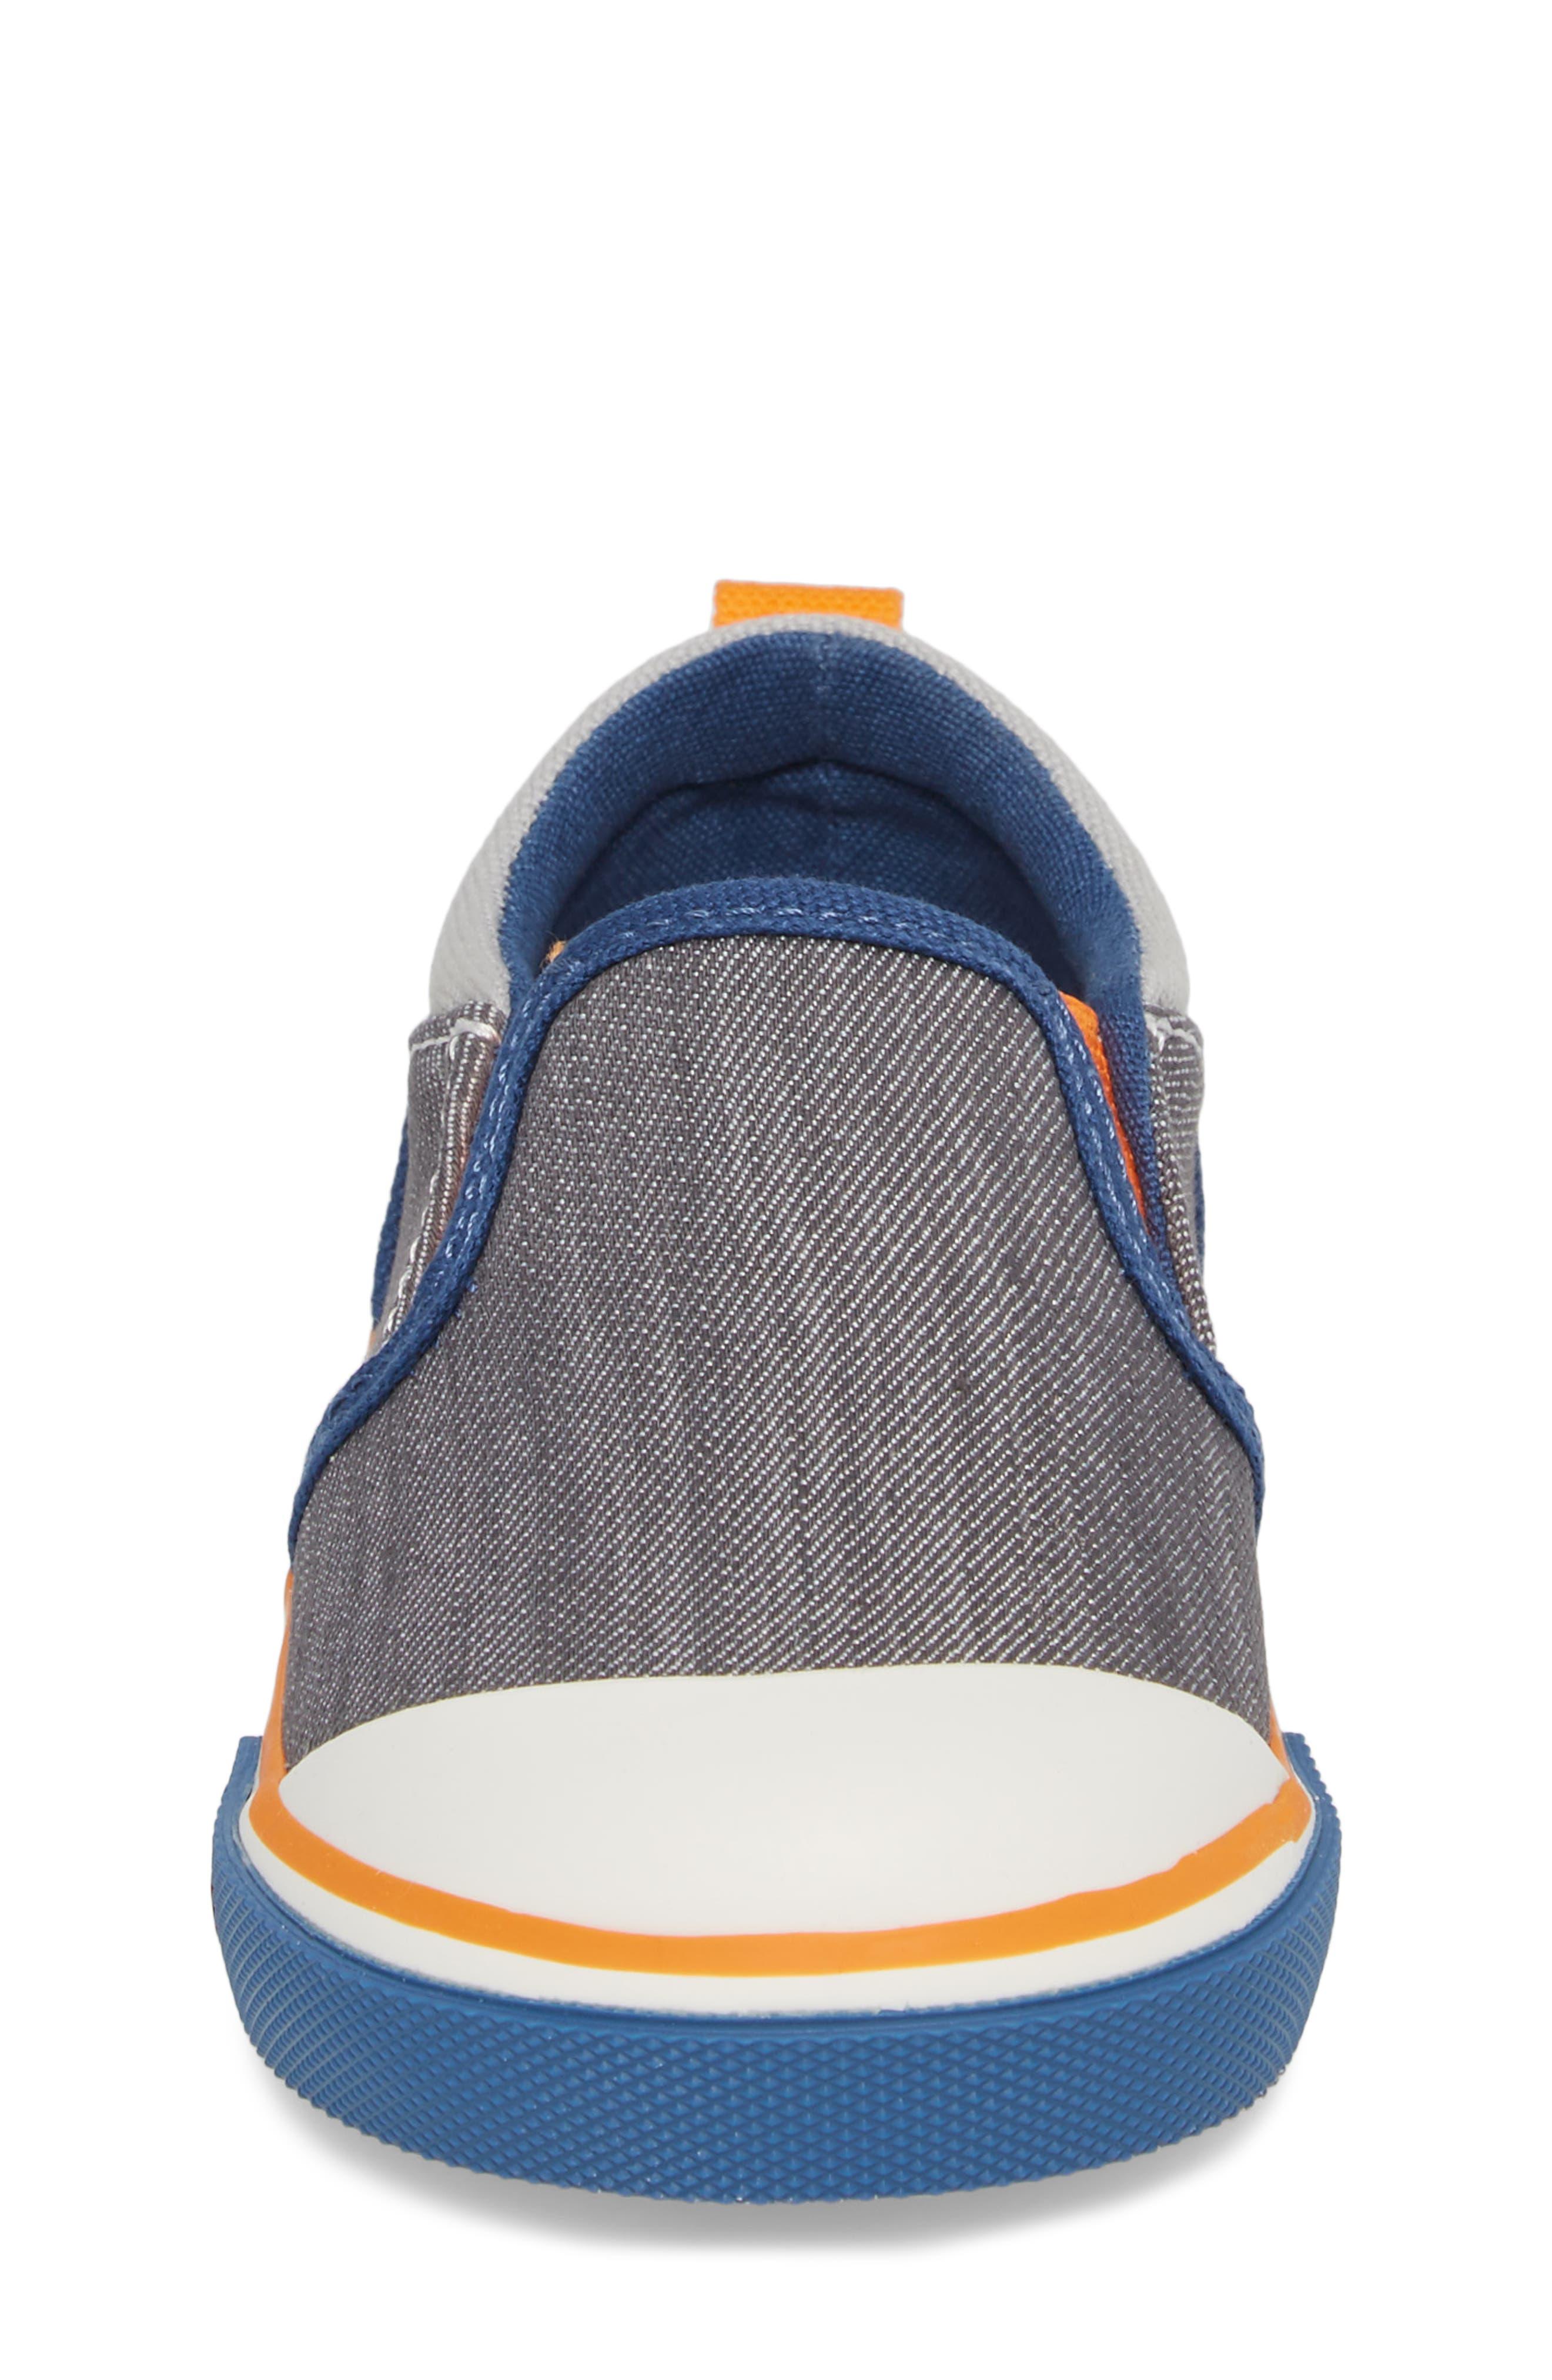 Slater Colorblock Slip-On Sneaker,                             Alternate thumbnail 4, color,                             Gray/ Blue